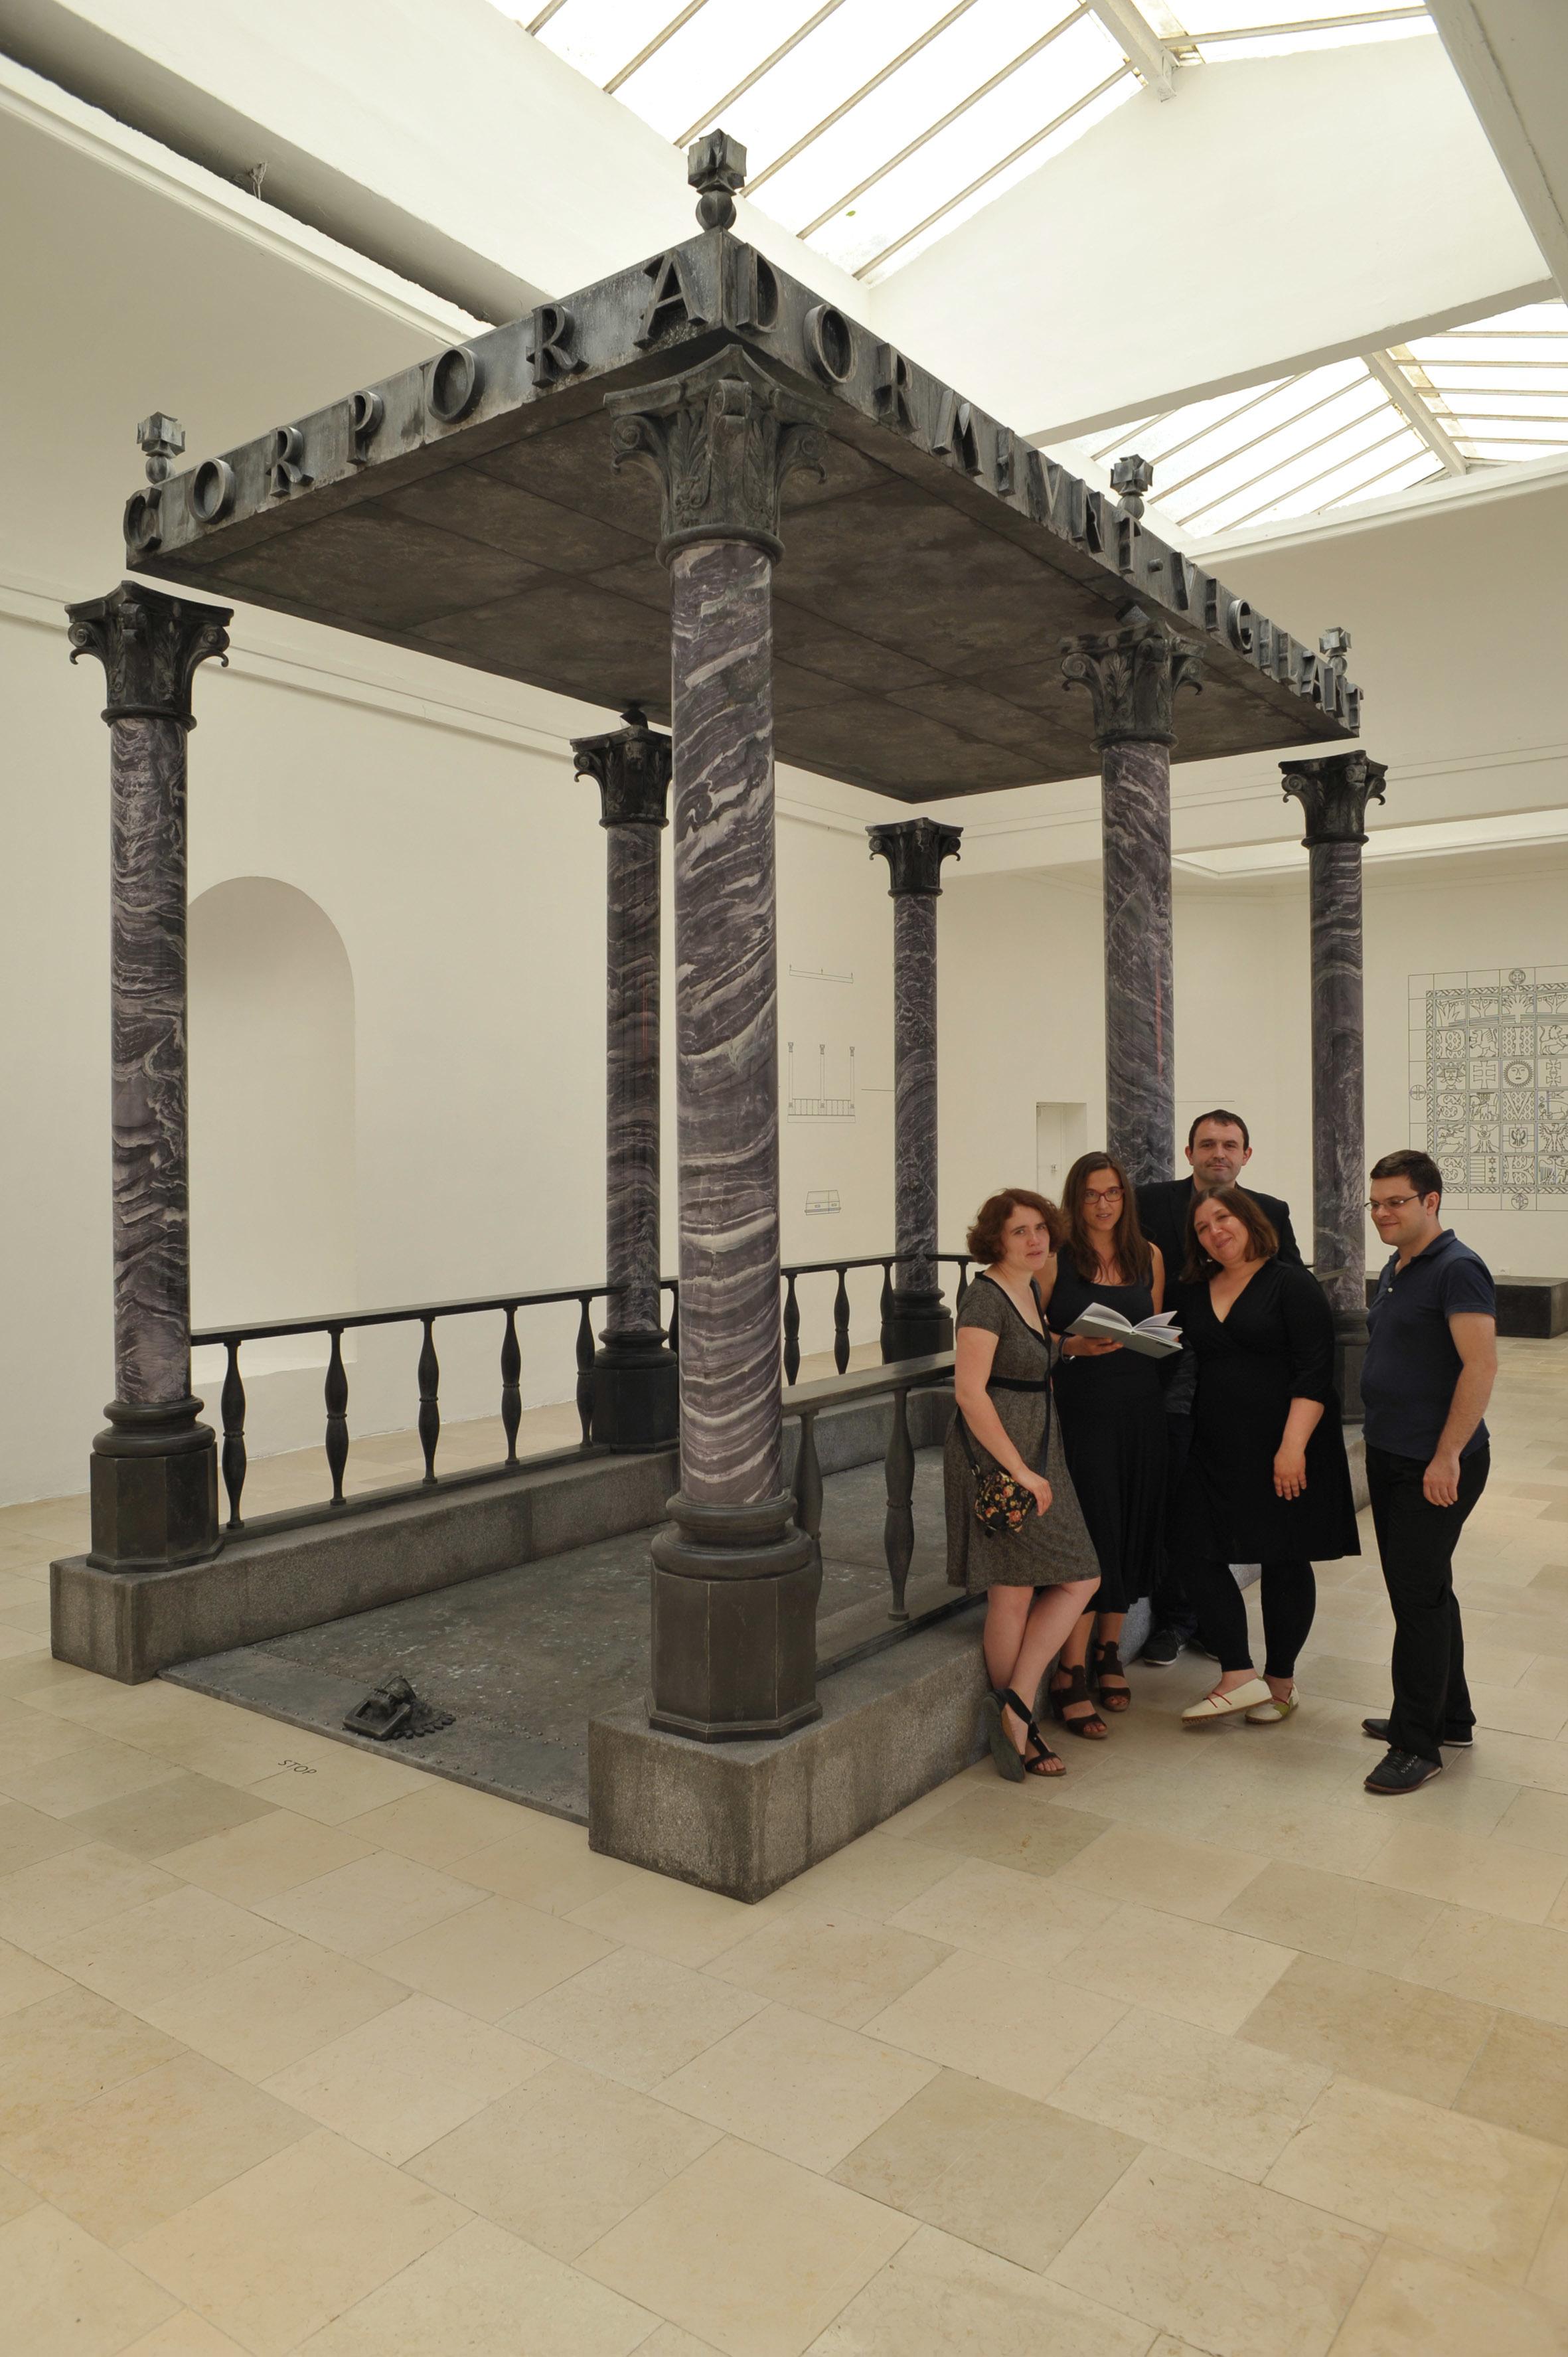 Od lewej: Dorota Jędruch, Marta Karpińska, Michał Wiśniewski, Dorota Rychlak-Leśniak (zespół kuratorski, Instytut Architektury) praz Jakub Woynarowski (koncepcja artystyczna)